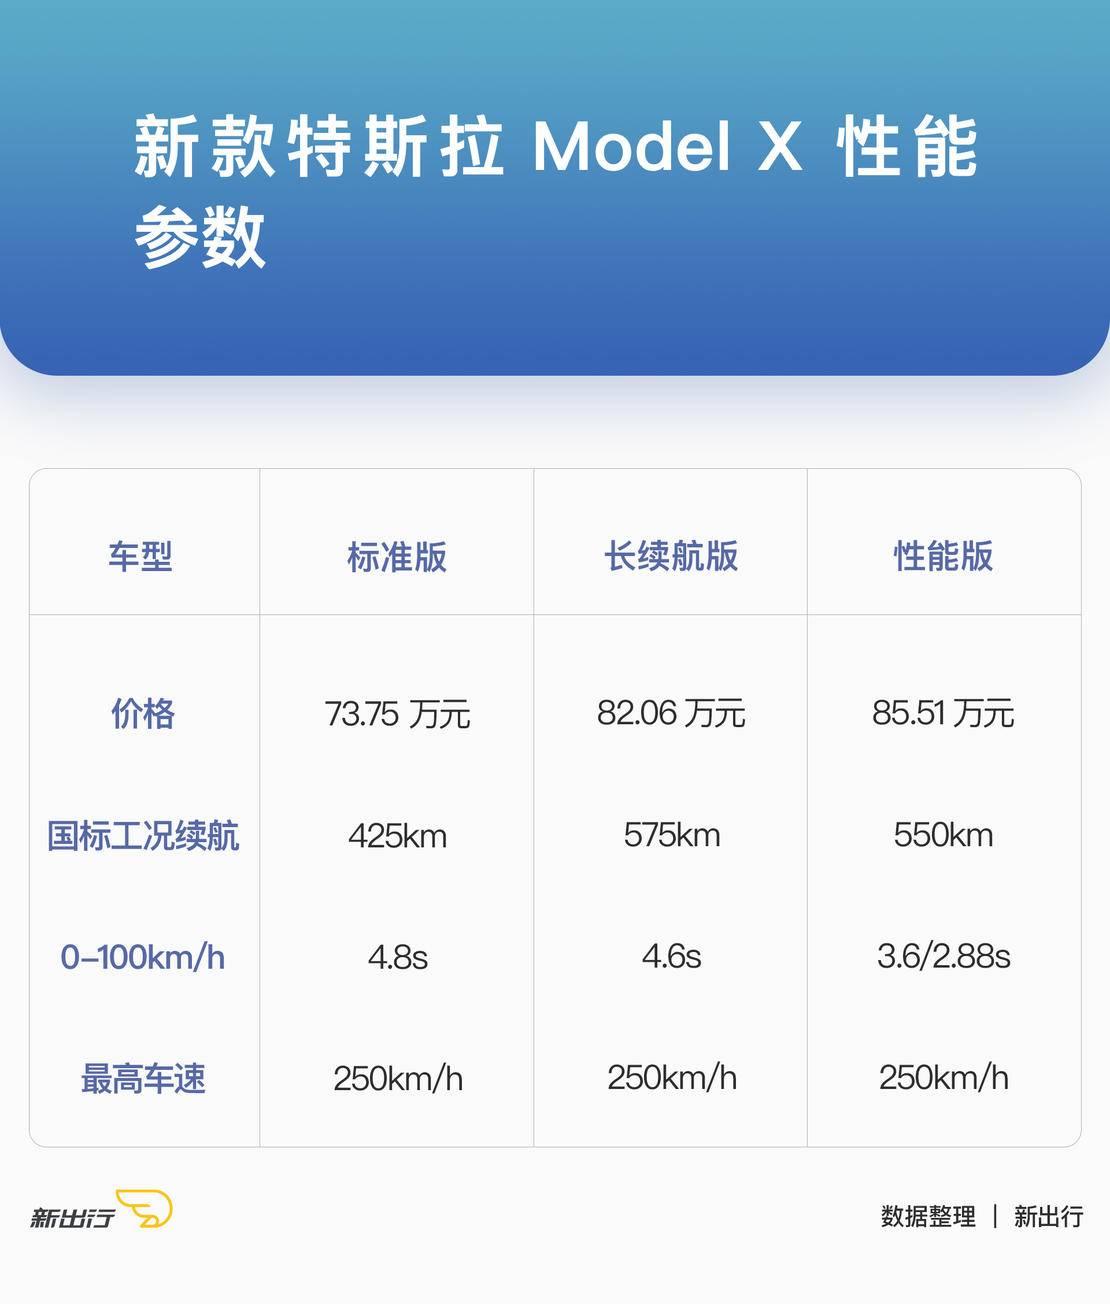 新款特斯拉-Model-X-性能参数.jpg